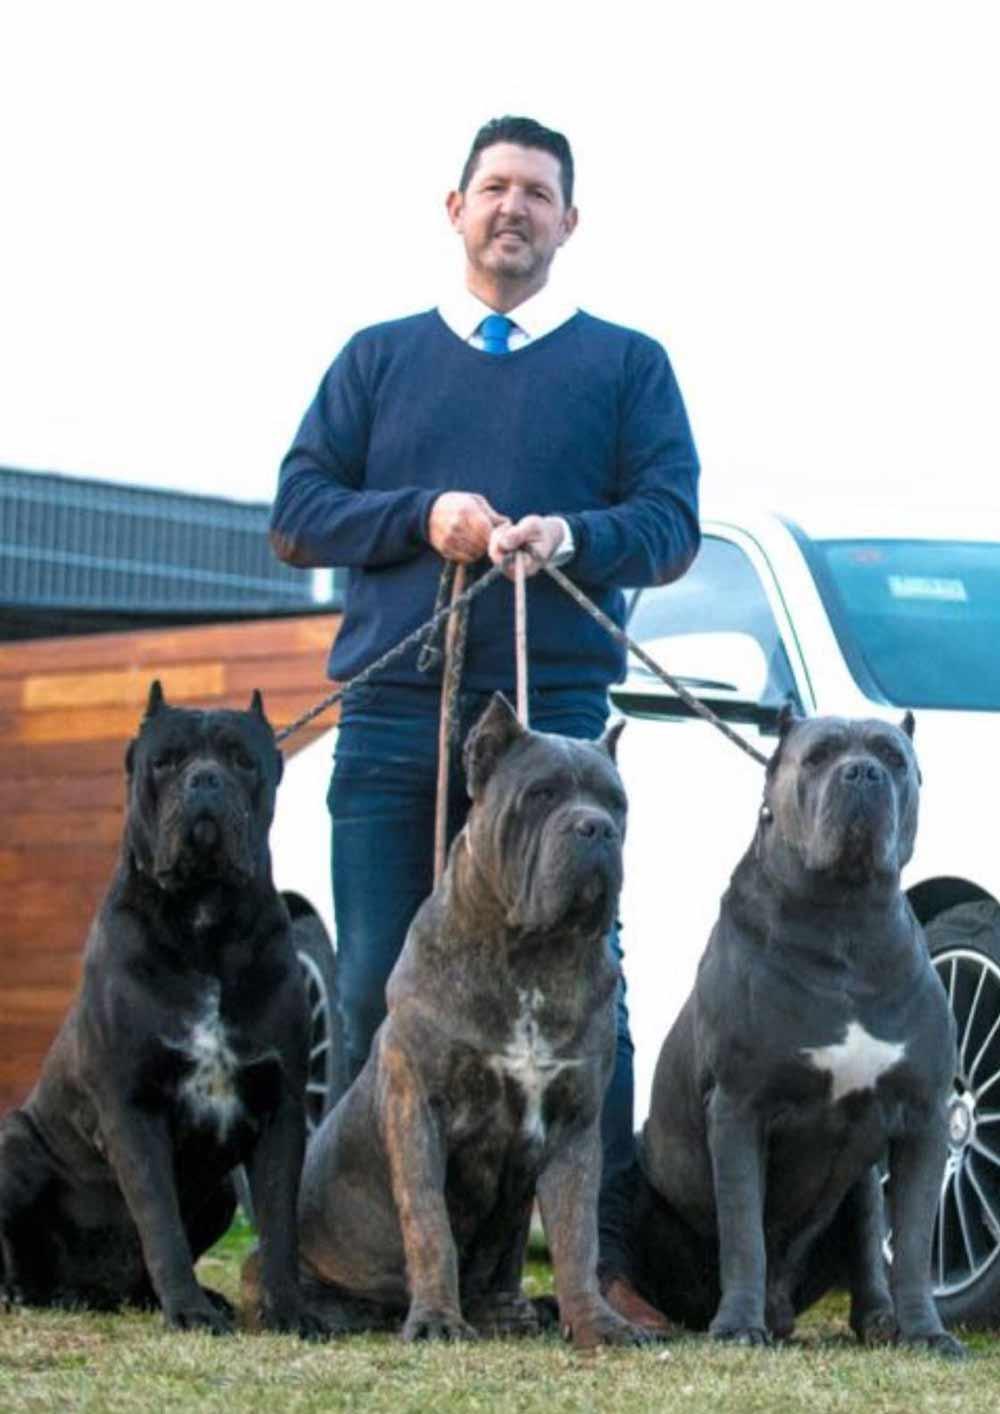 comprar cane corso y venta de cachorros de cane corso en Lima Peru Criadores de cancorso